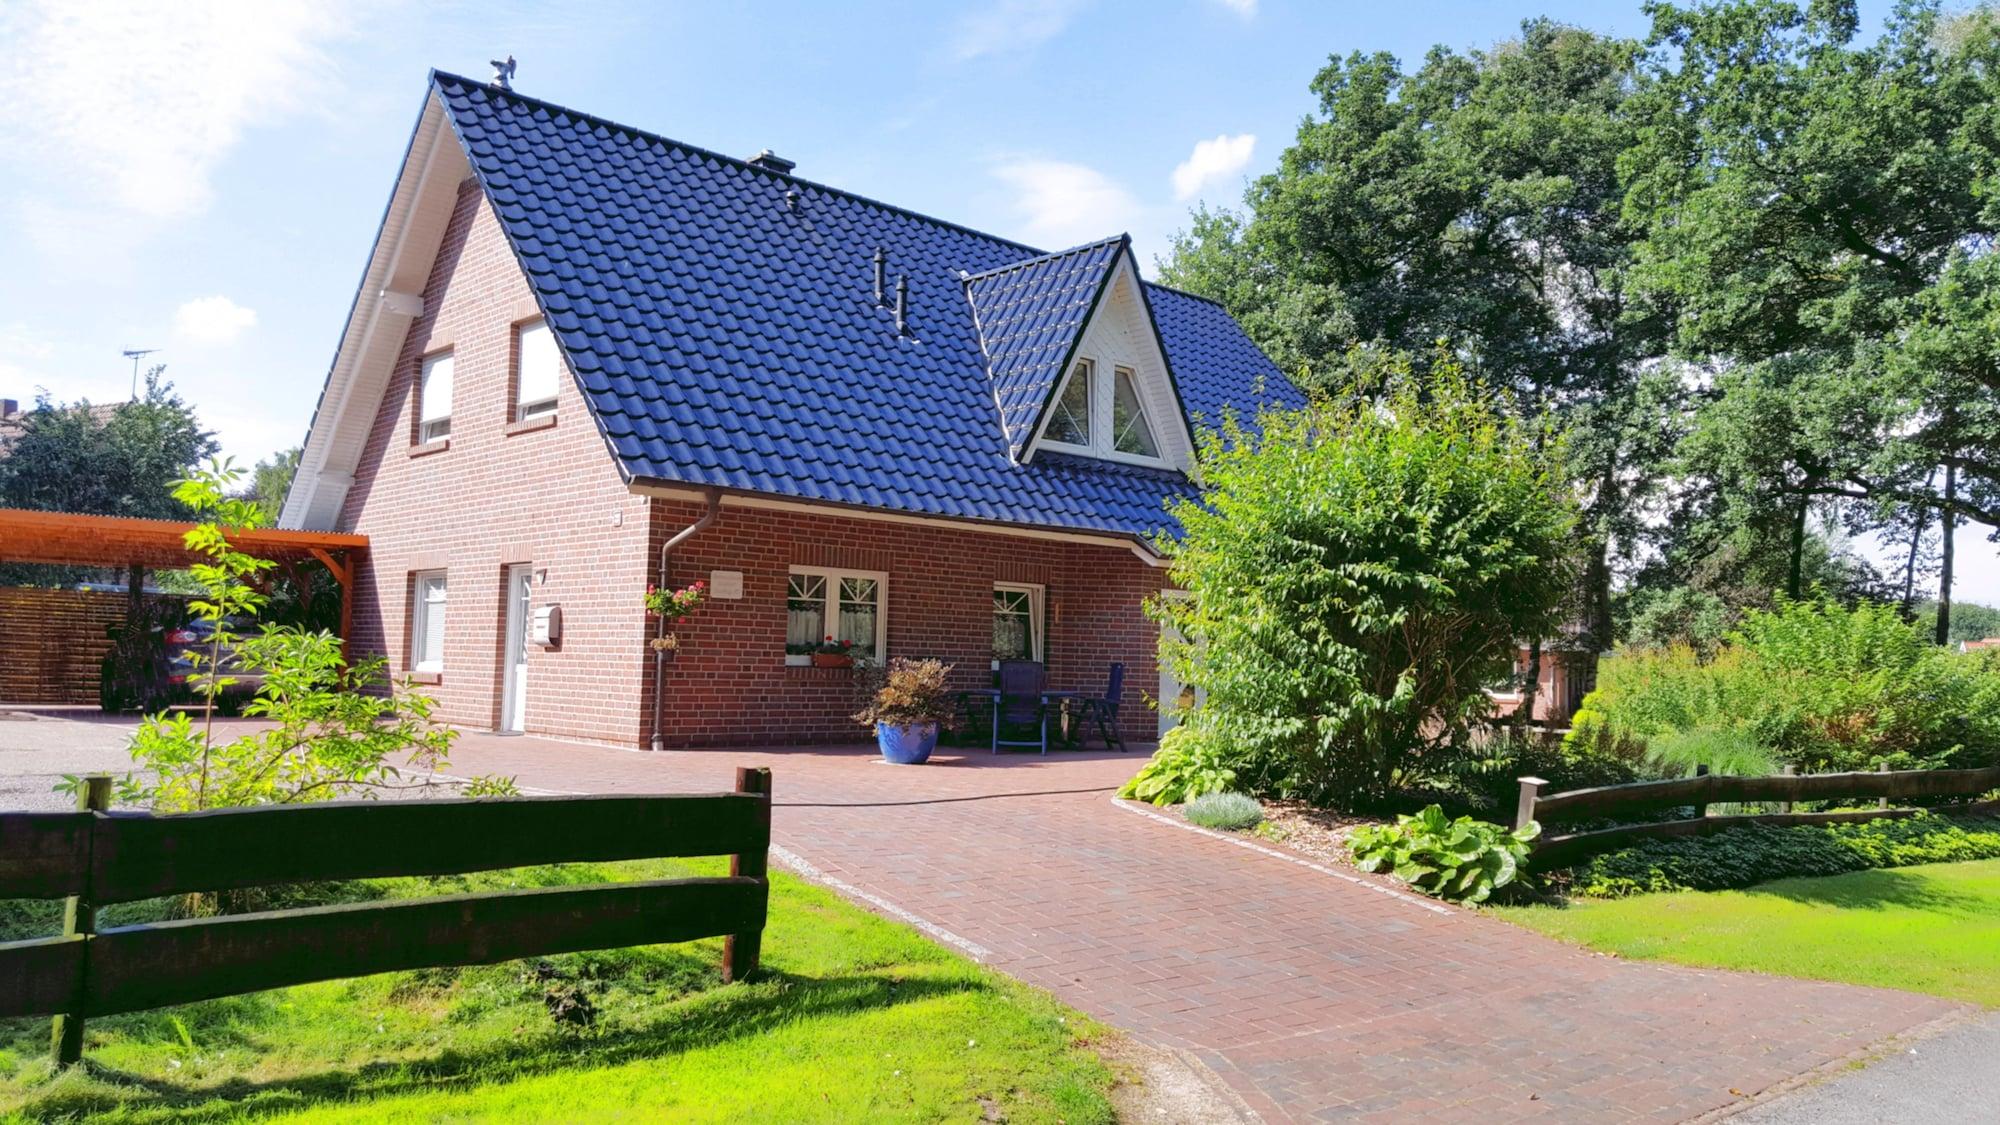 Ferienwohnung Strudthoff, Oldenburg